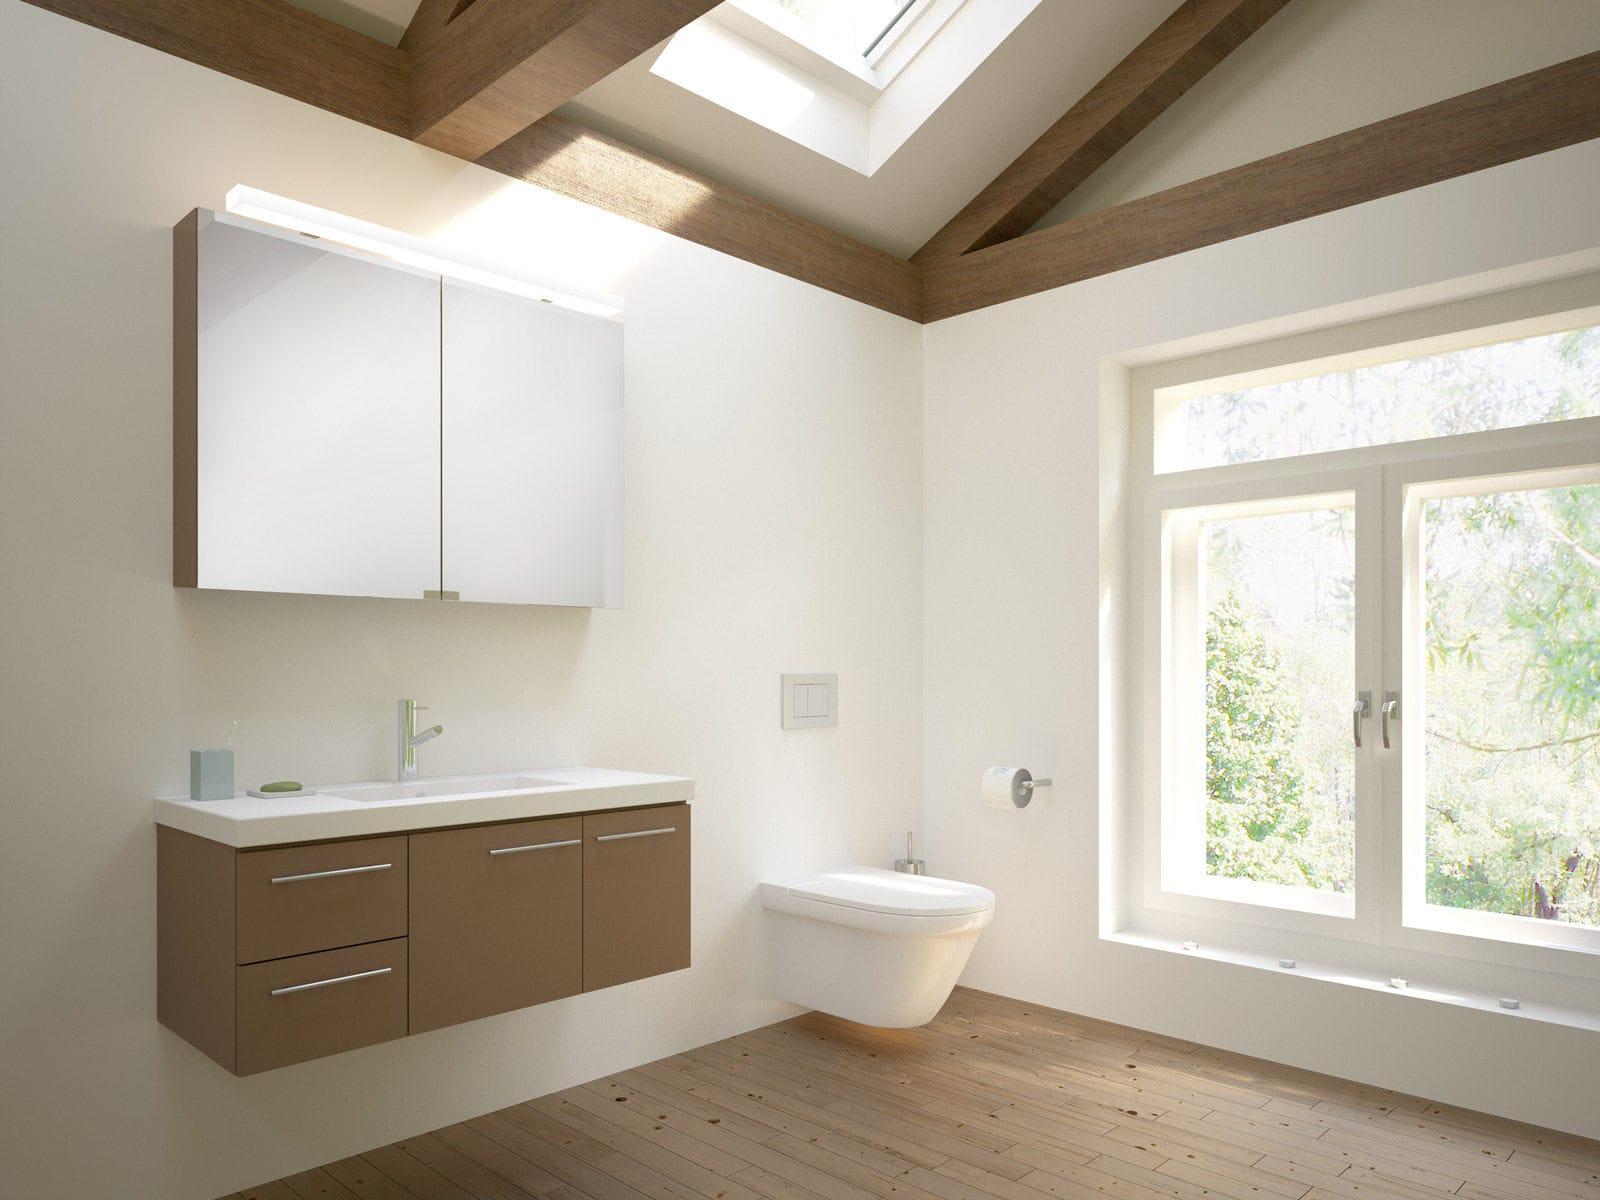 Meuble vasque suspendu / en bois / contemporain / avec miroir ...